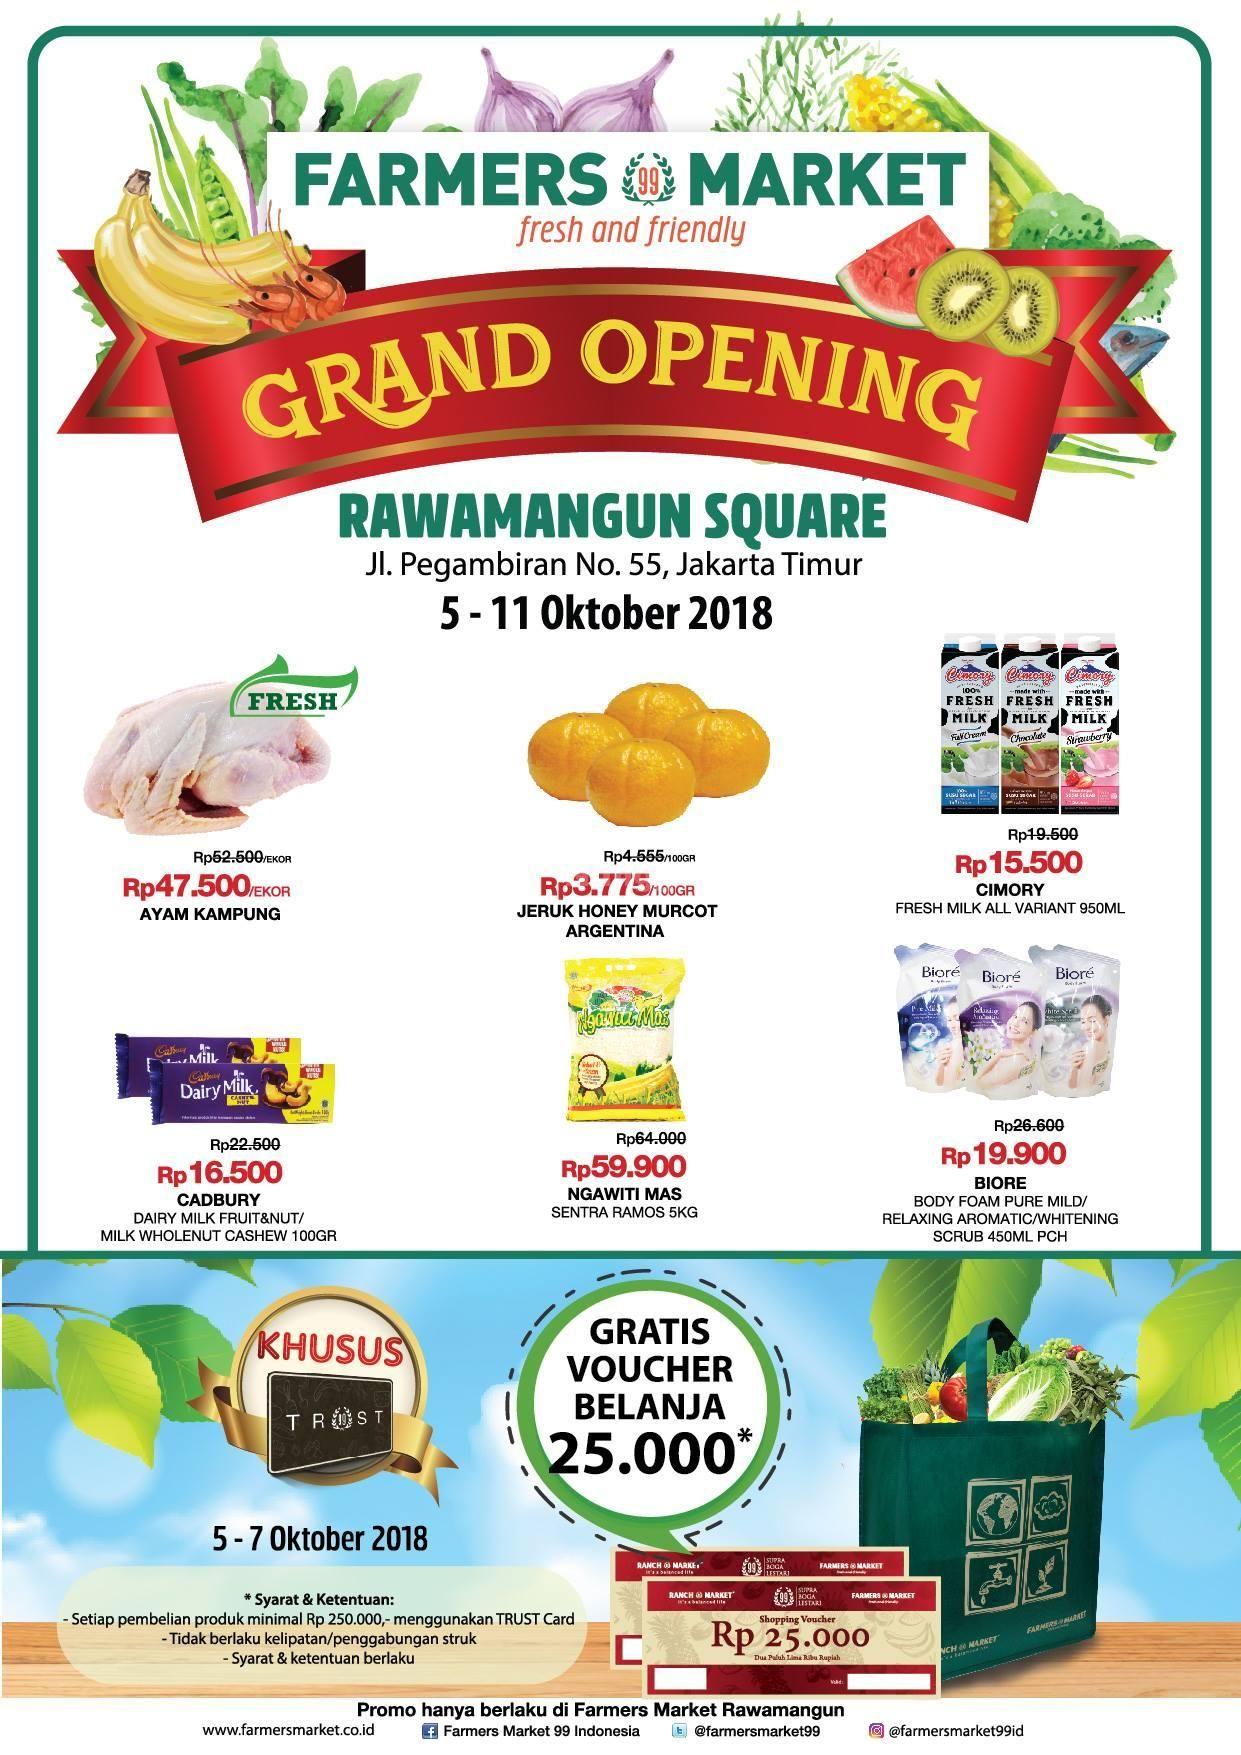 Farmers Market Rawamangun Square Grand Opening Promo 5 11 Oktober 20188 Temukan Berbagai Promo Dan Diskon Menarik Serta Pengal Farmers Market Brosur Produk